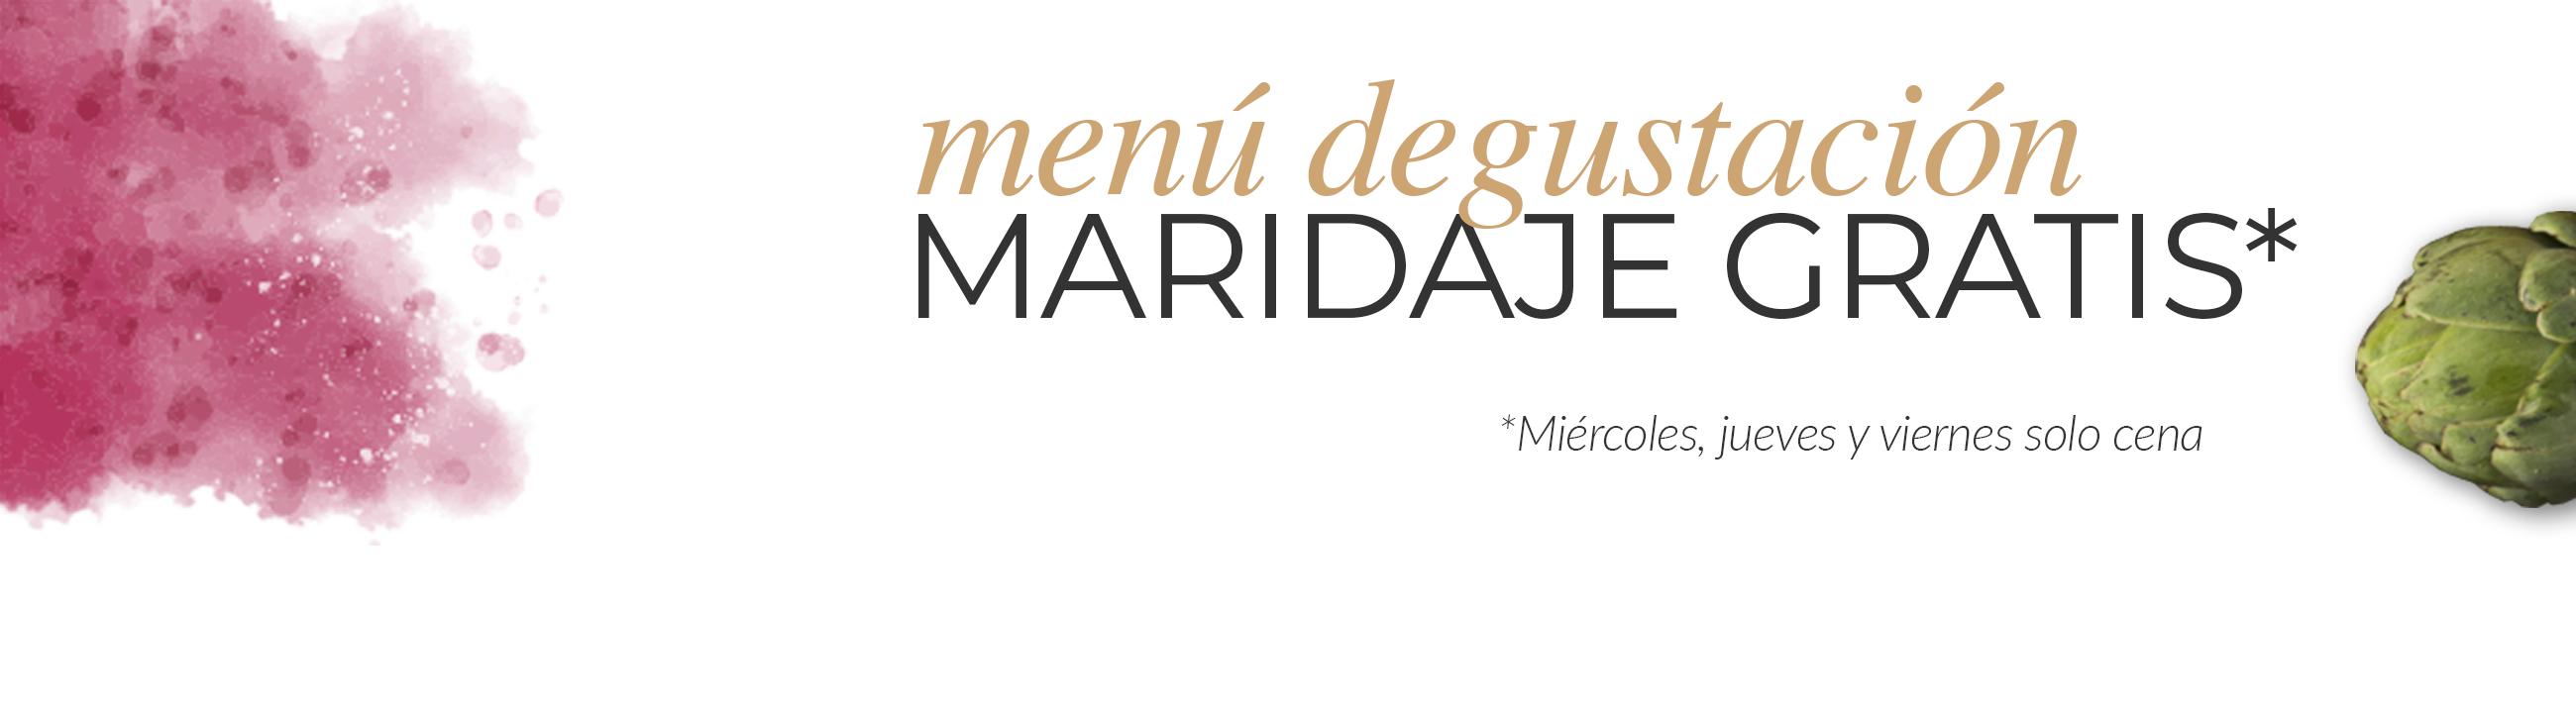 banner-maridaje-gratis3